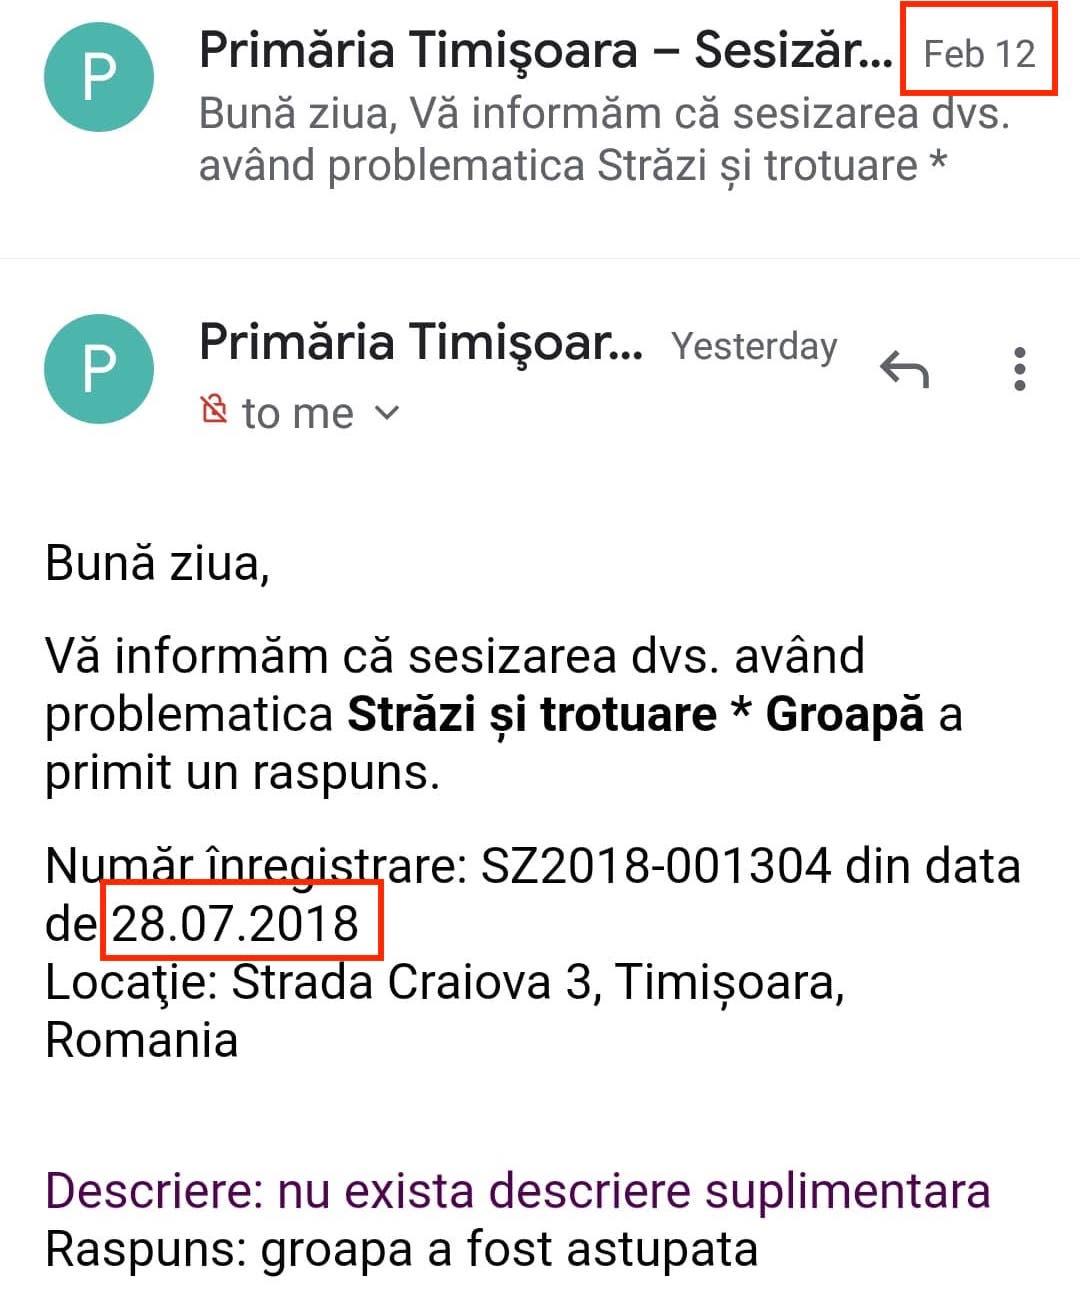 Primăria Timișoara răspunde în 2020 la sesizări făcute în 2018